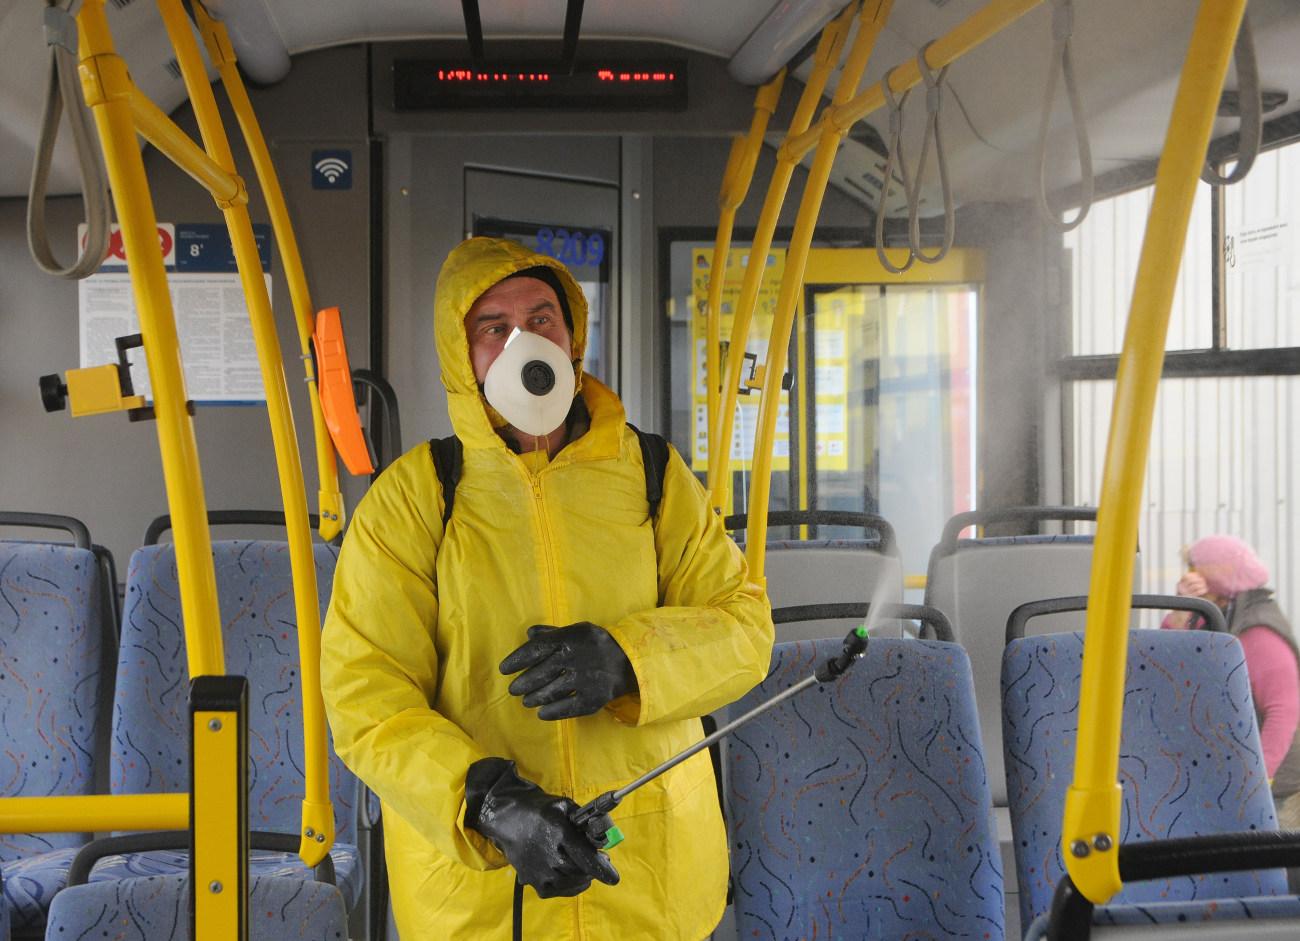 Назван безопасный способ передвижения во время пандемии